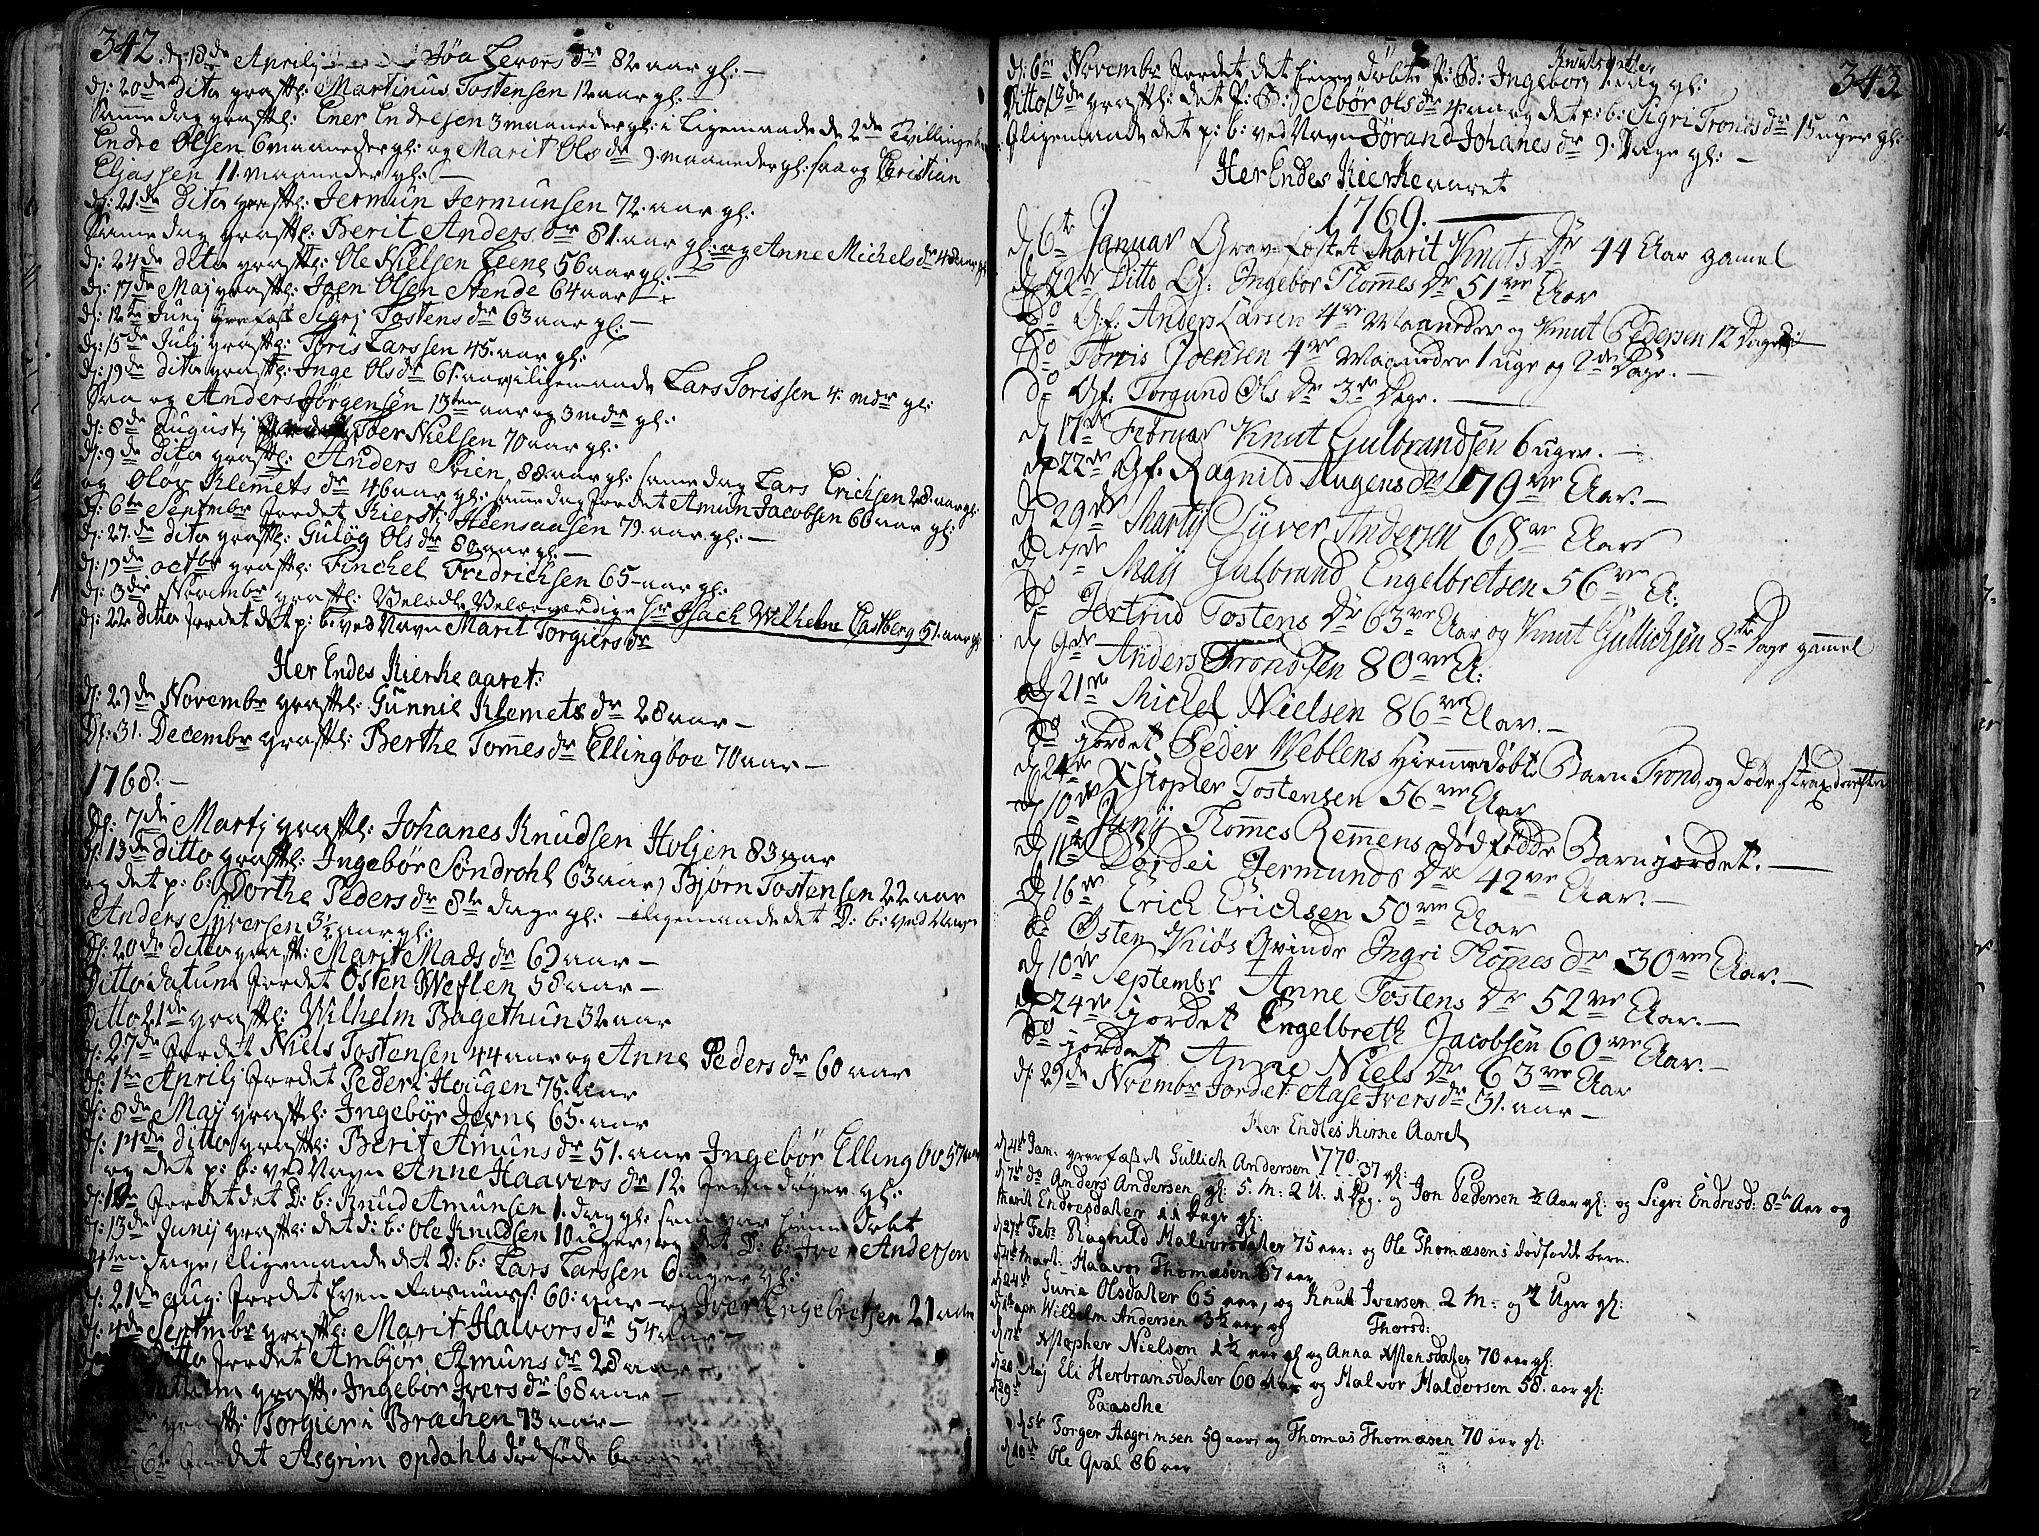 SAH, Vang prestekontor, Valdres, Ministerialbok nr. 1, 1730-1796, s. 342-343